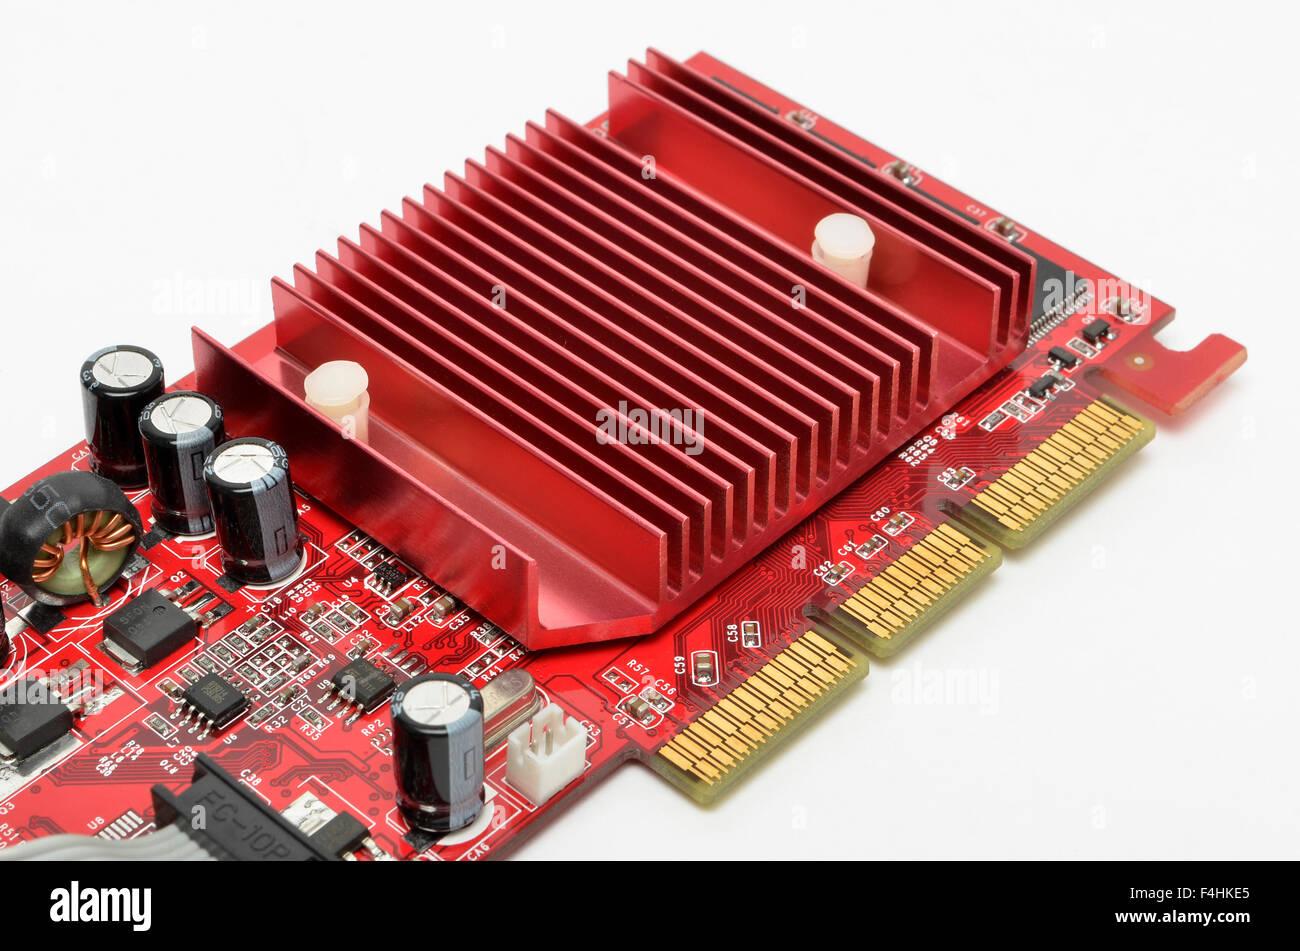 Gainward Grafikkarte Kühlkörper und AGP-Kontakte. Stockbild